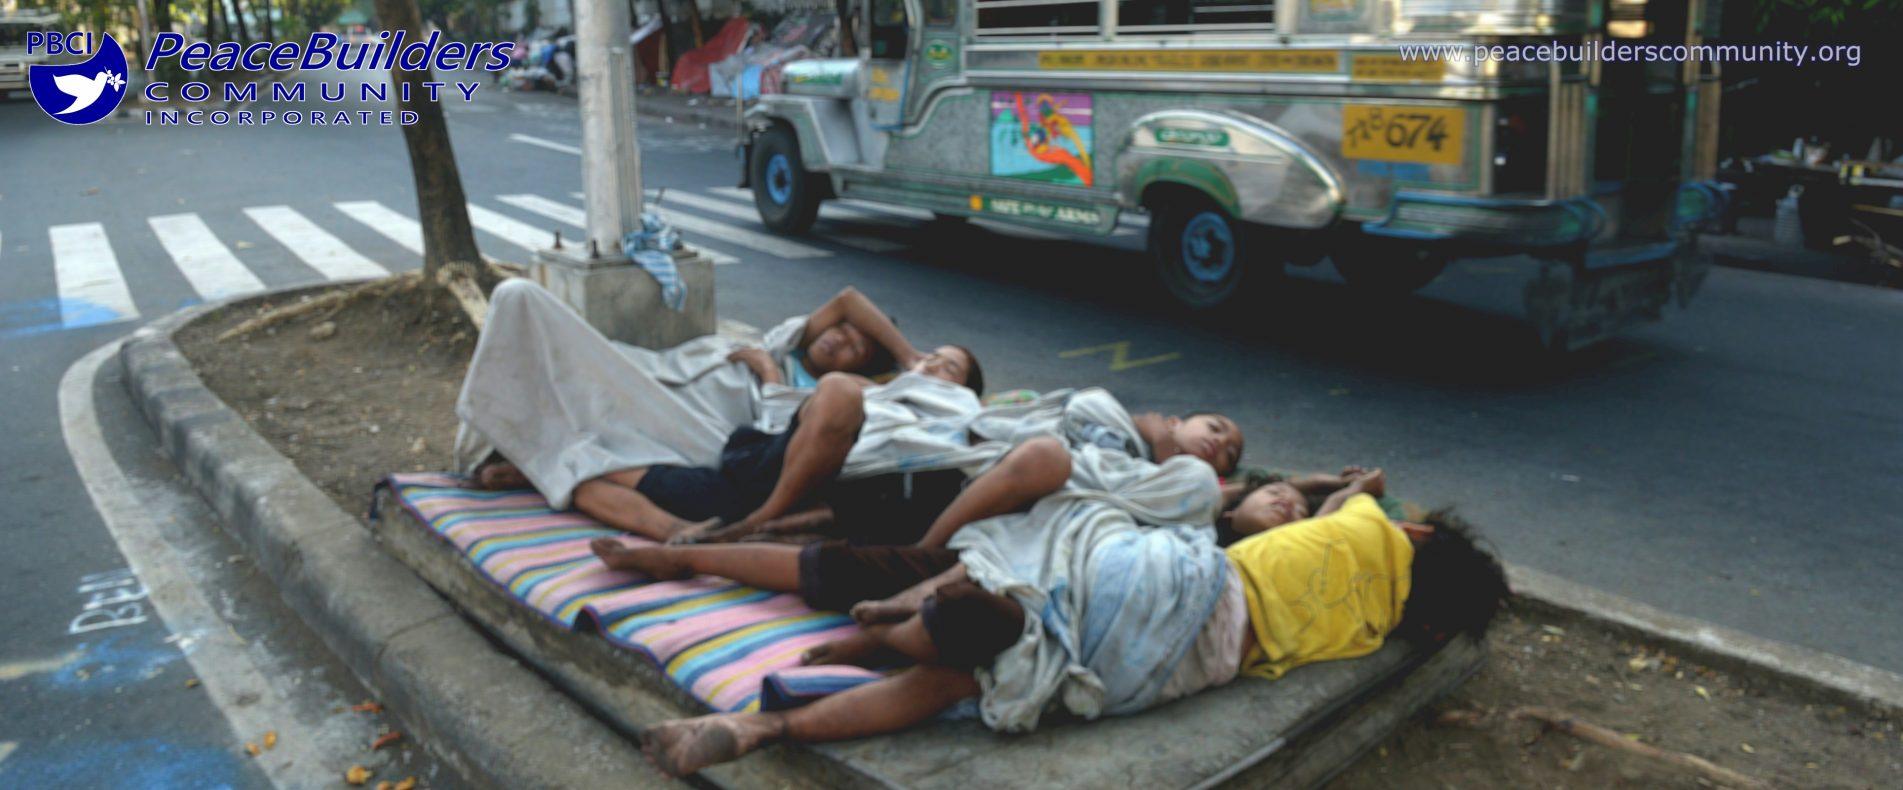 street-children-sleeping-philippines